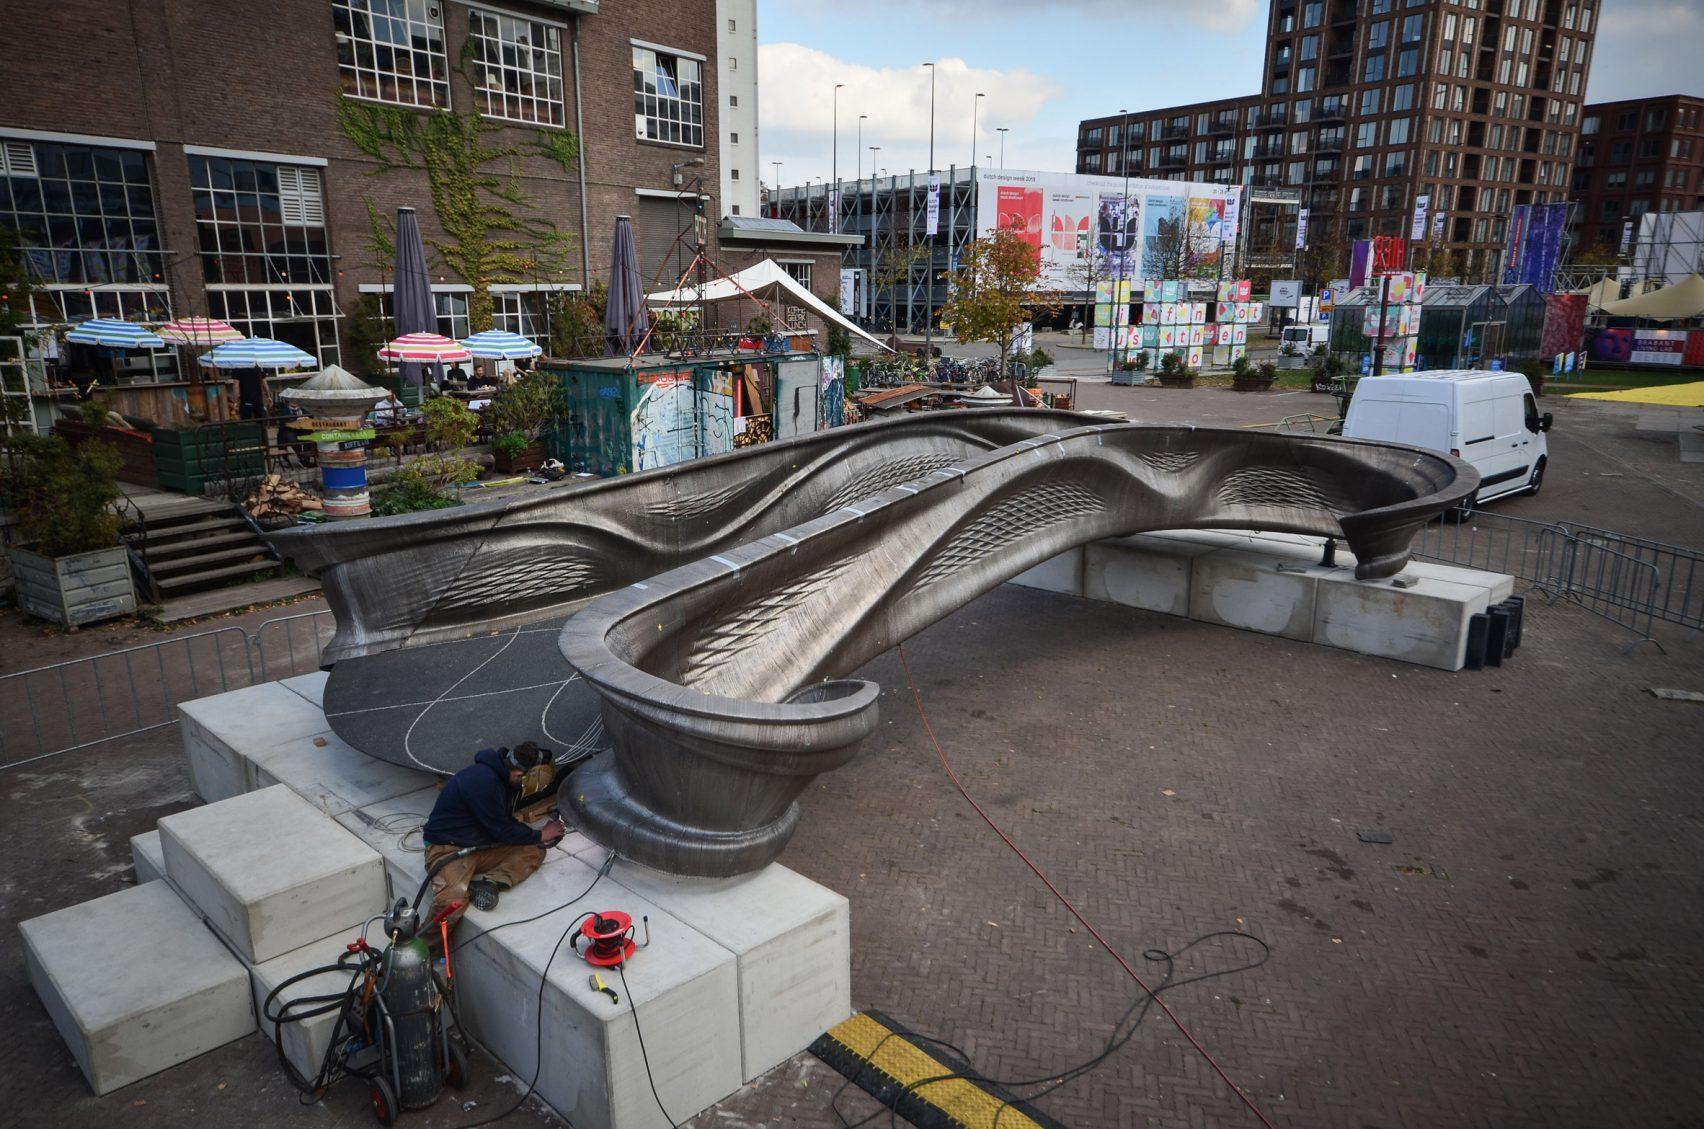 رونمایی از اولین پل فولادی ساخته شده با پرینت سه بعدی در جهان در هفتۀ طراحی هلند